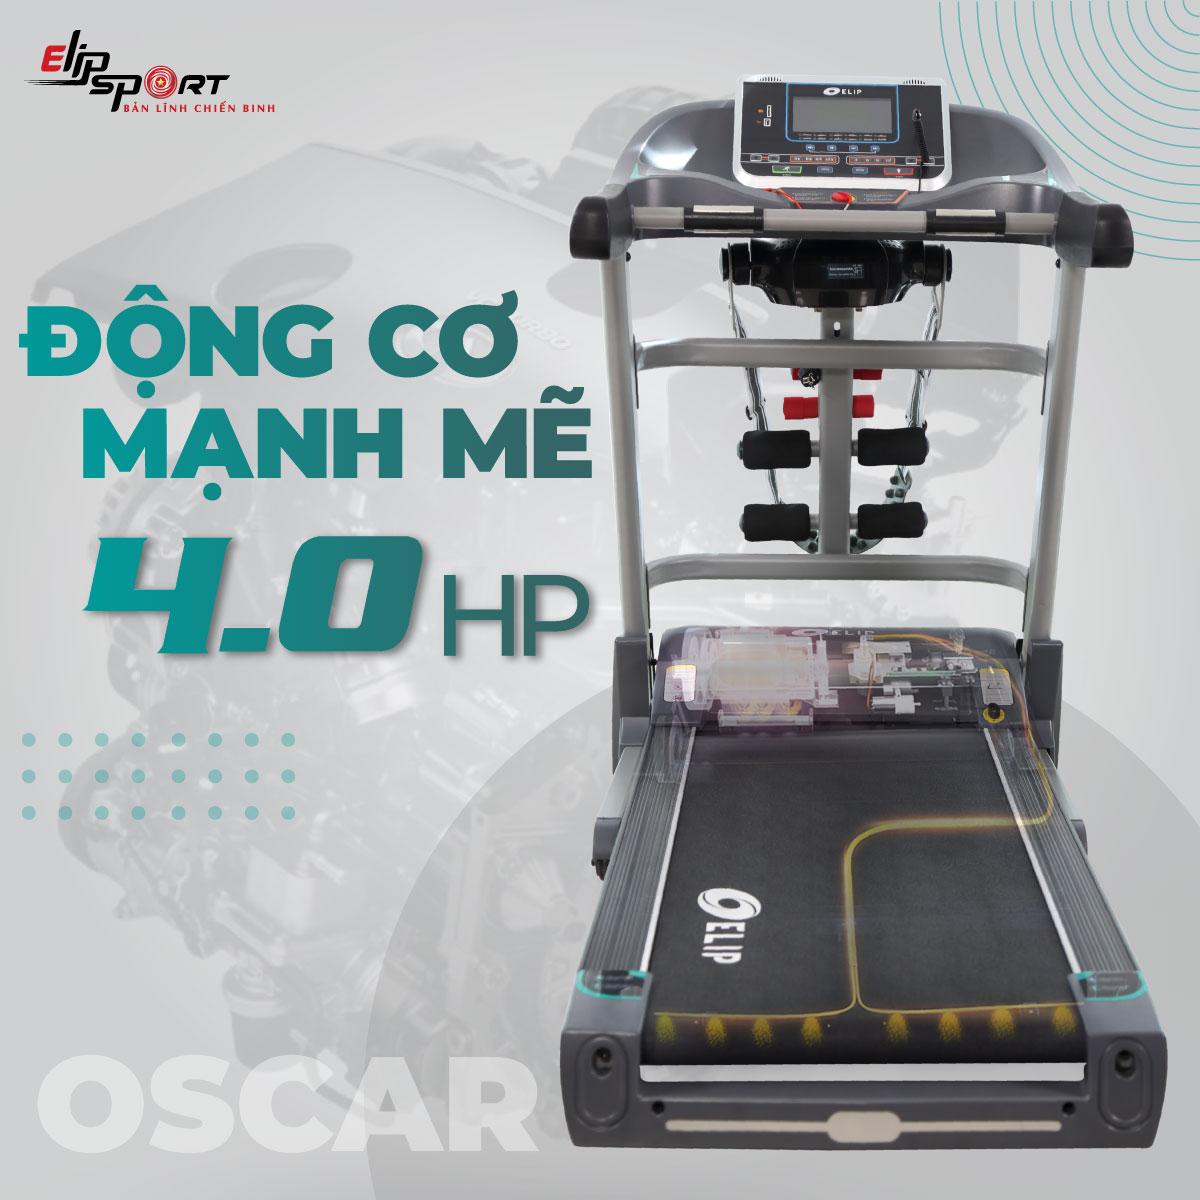 Máy Chạy Bộ Điện Đa Năng ELIP Oscar